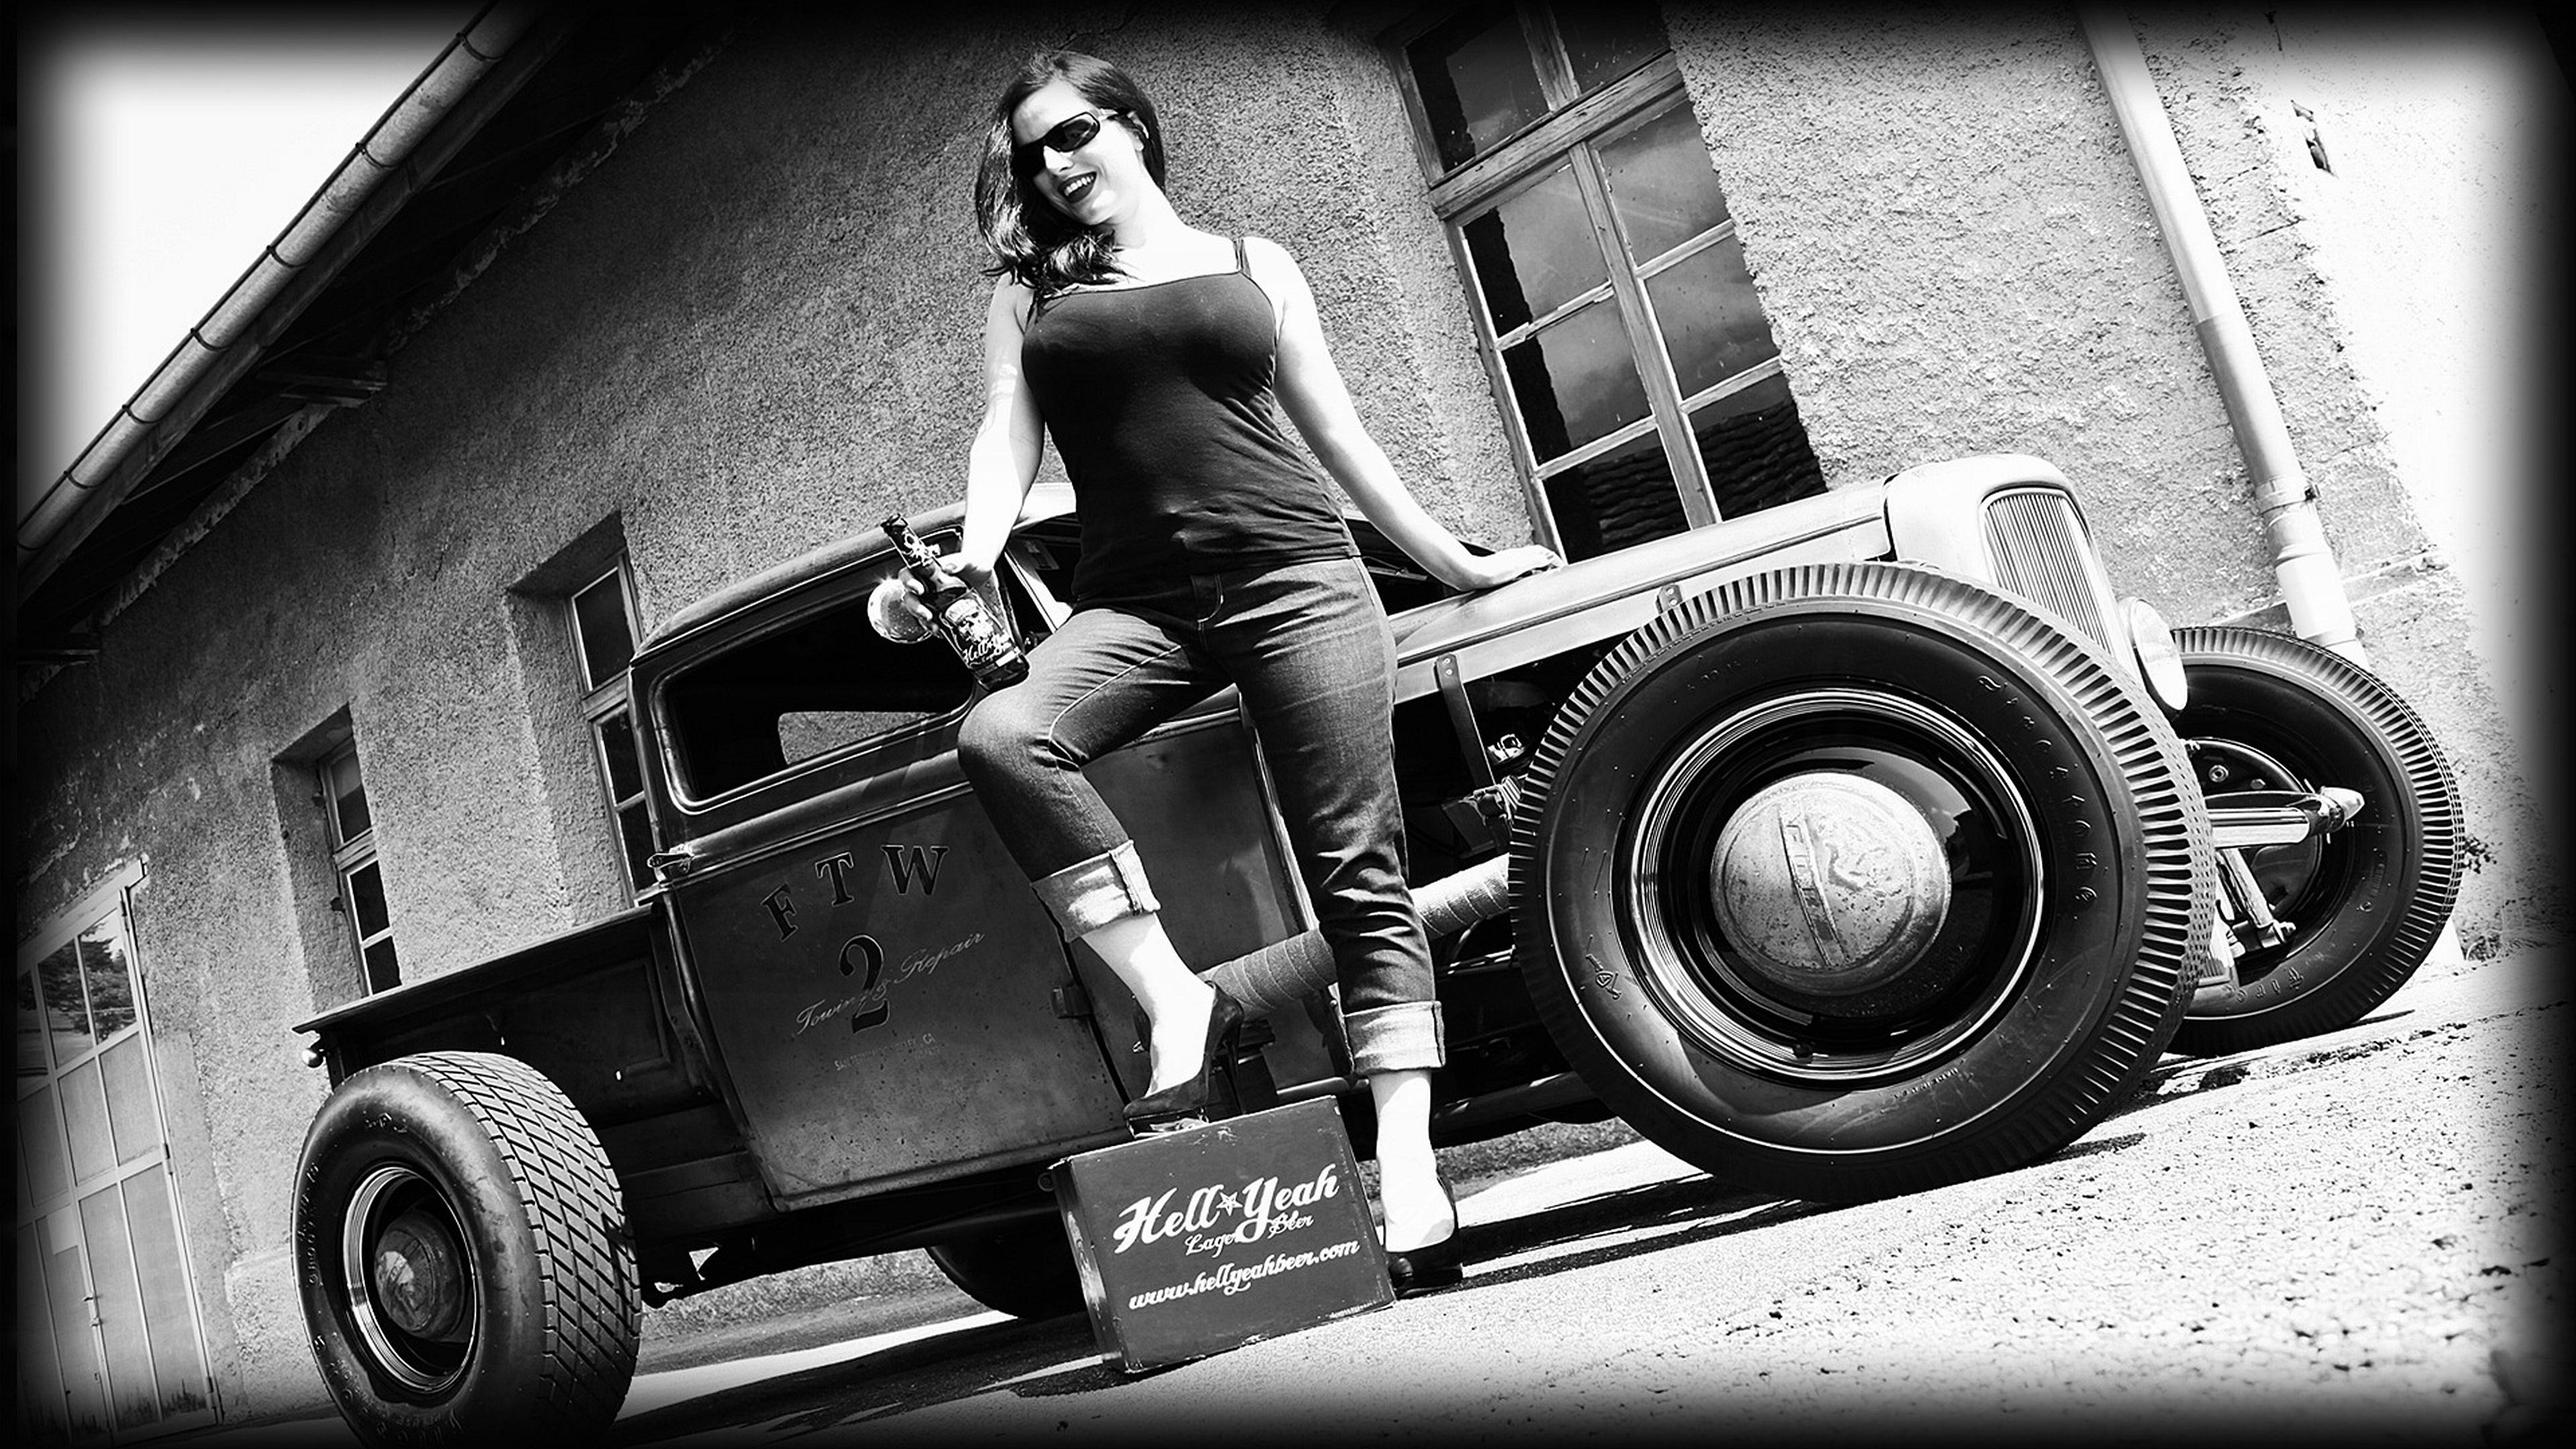 キャラ女性モノクロ車 4k壁紙 Com